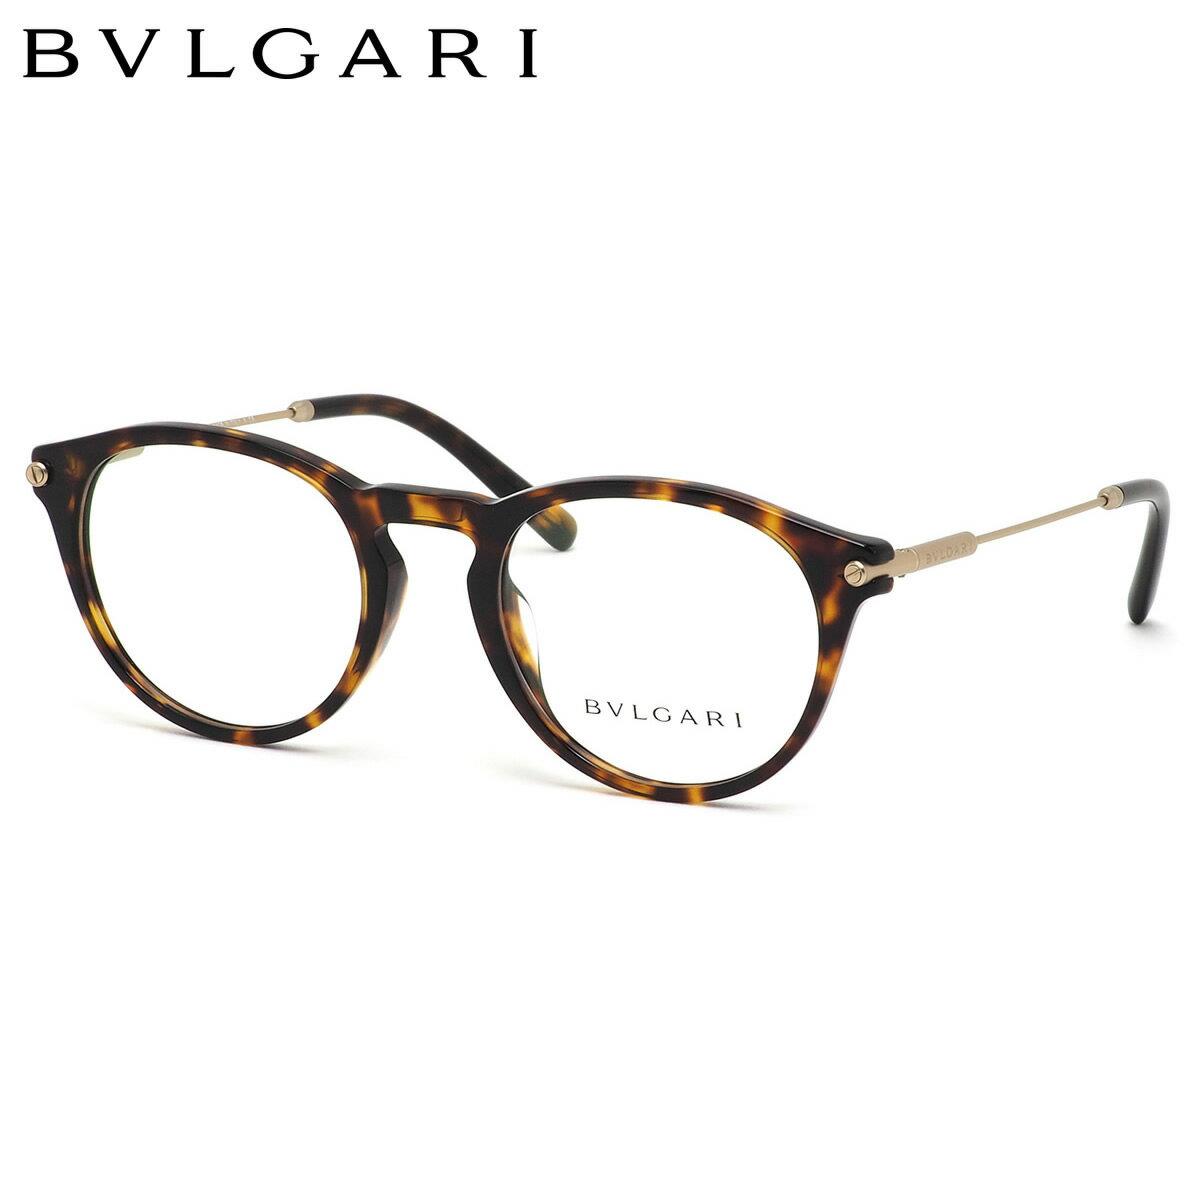 ブルガリ BVLGARI メガネBV3035F 504 52サイズDIAGONO ディアゴノ ディアゴノウォッチ フルフィット ラウンドブルガリ BVLGARI メンズ レディース:メガネ・サングラスのThat's